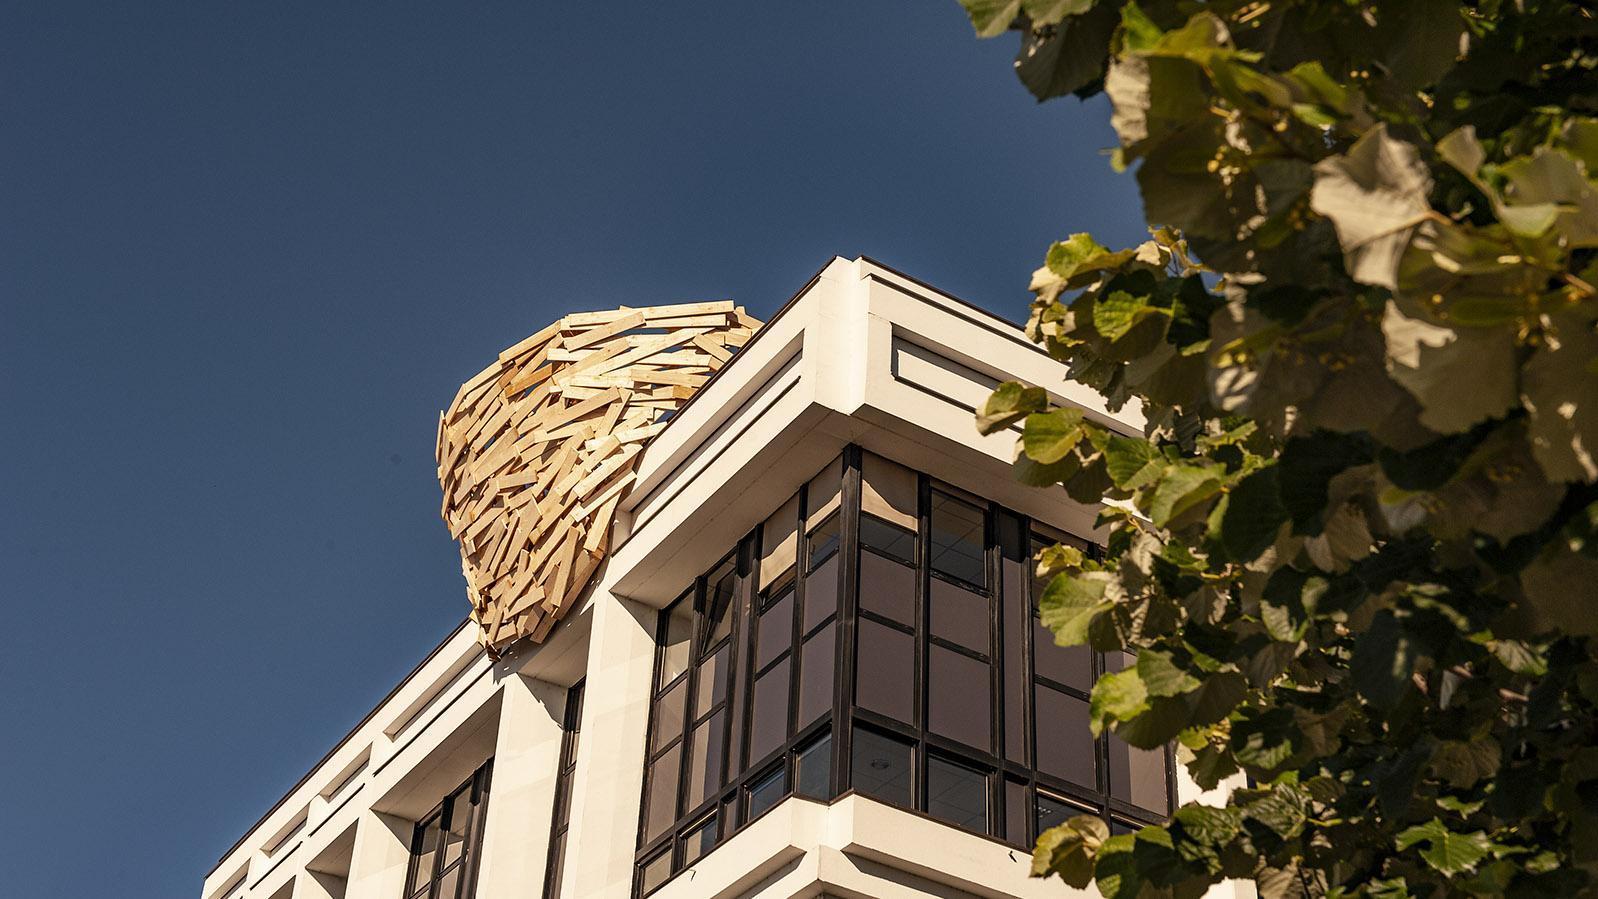 Gleich sieben Mal setzte Tadashi Kamawata Vogelnester in XXL in die Bäume und auf die Dächer von Nantes. Foto: Hilke Maunder